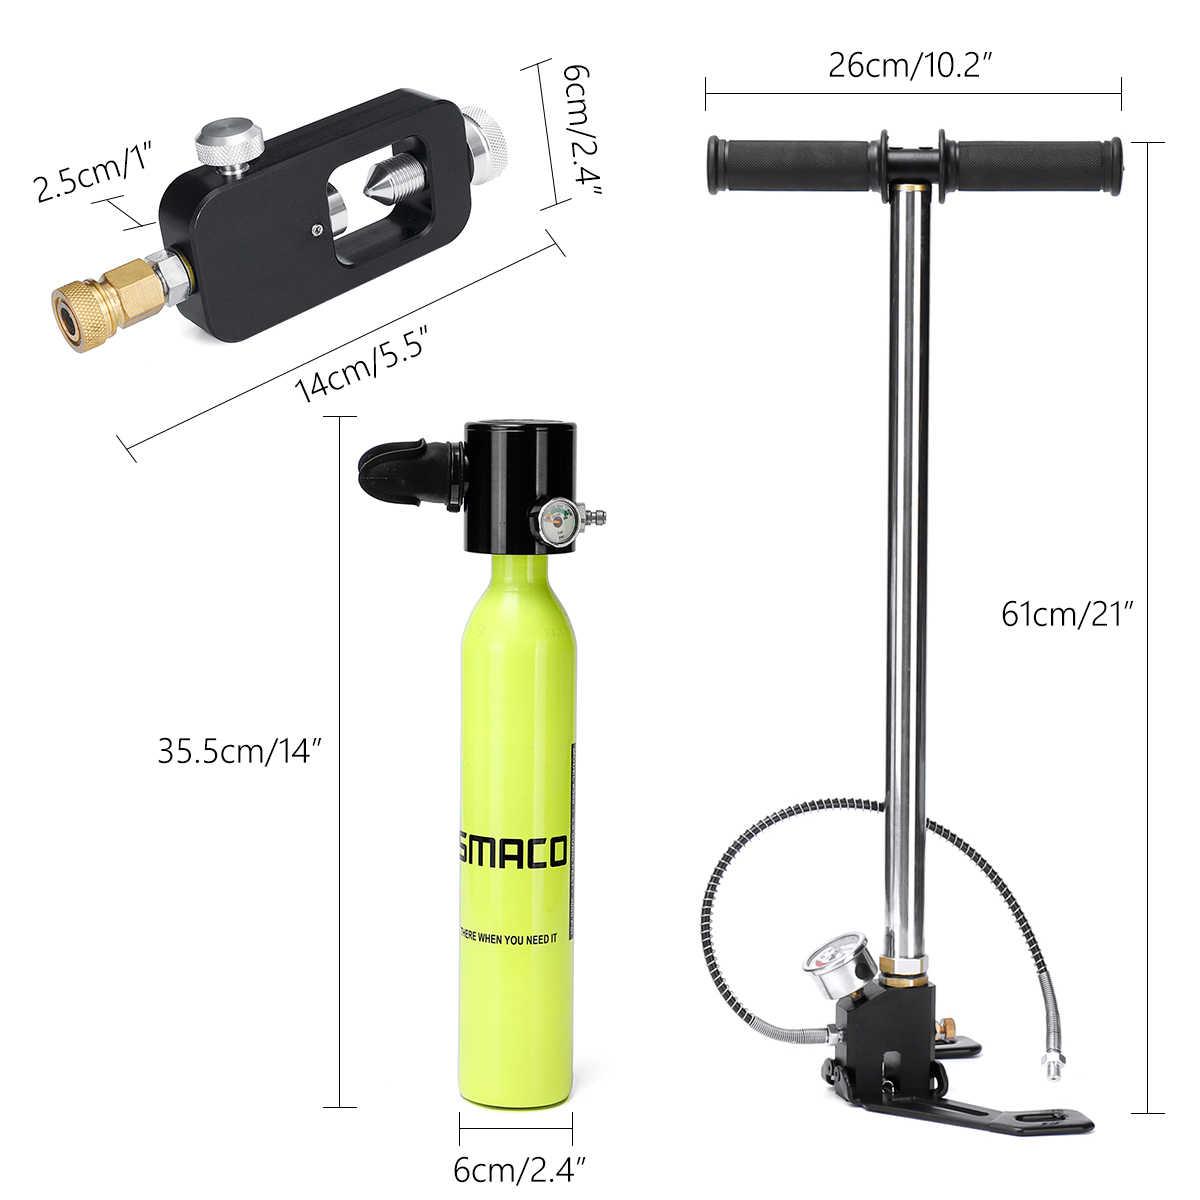 مصغرة نظارة غوص أسطوانة أكسجين الهواء خزان الغوص اليد مضخة البسيطة نافخة مع ضغط مجموعة عدادات قياس الغوص اكسسوارات مجموعة